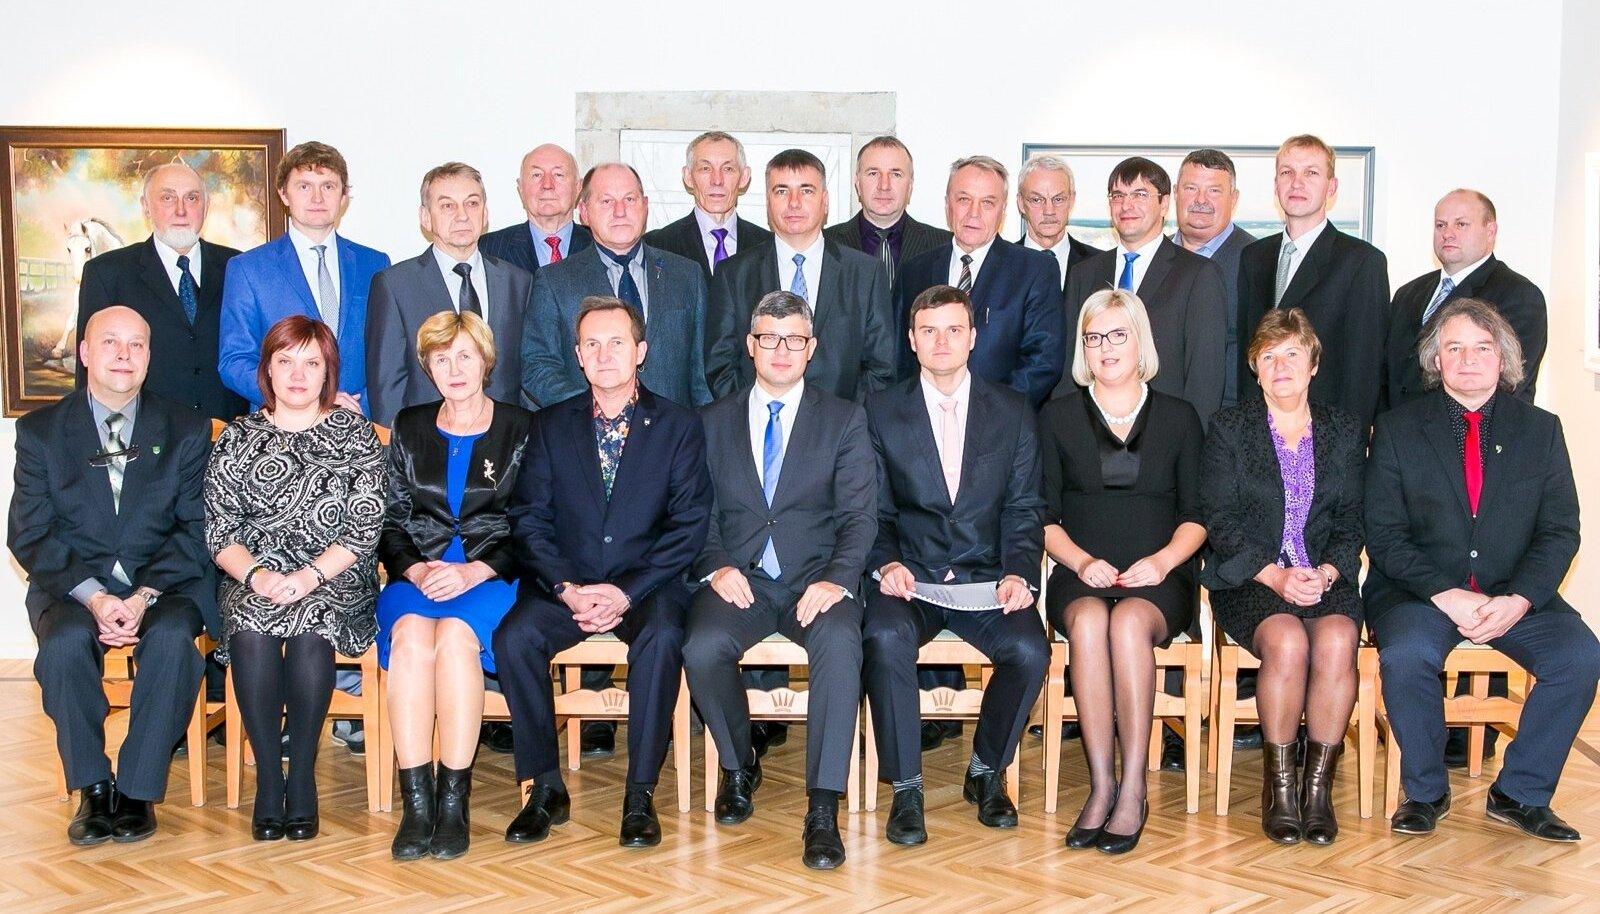 Need tublid 11 Saaremaa valda ühines Saaremaa vallaks.Ühendvallaga ei ühinenud Saare maakonnas Pöide ja Muhu vald.